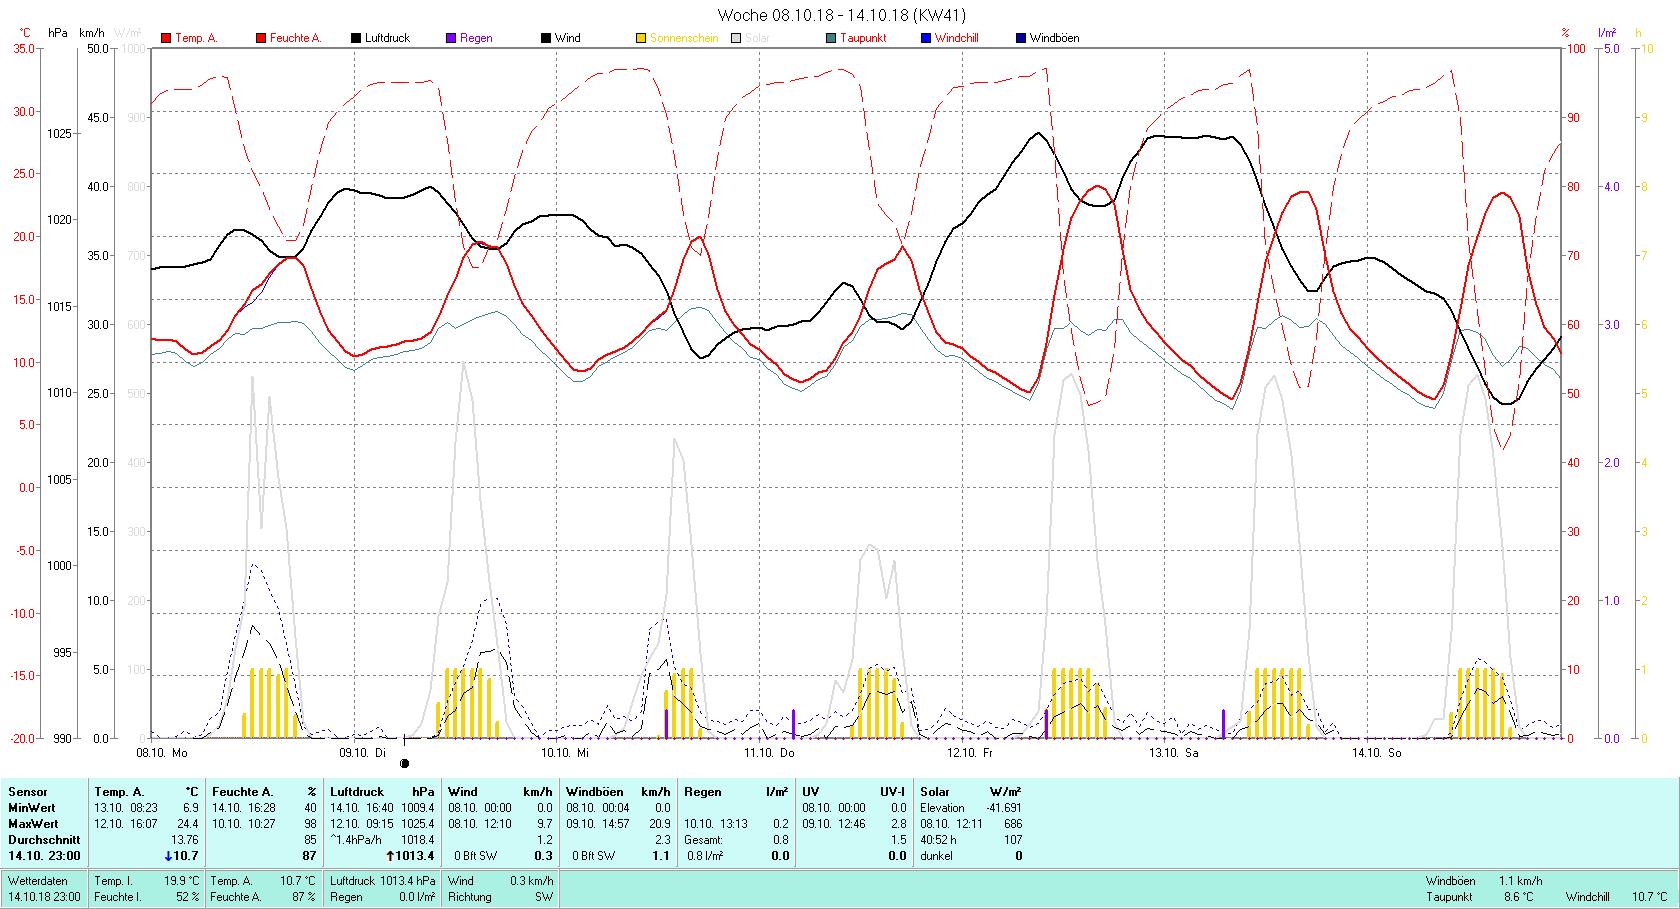 KW 41 Tmin 6.9°C, Tmax 24.4°C, Sonne 43:13 h Niederschlag 0.8 mm2